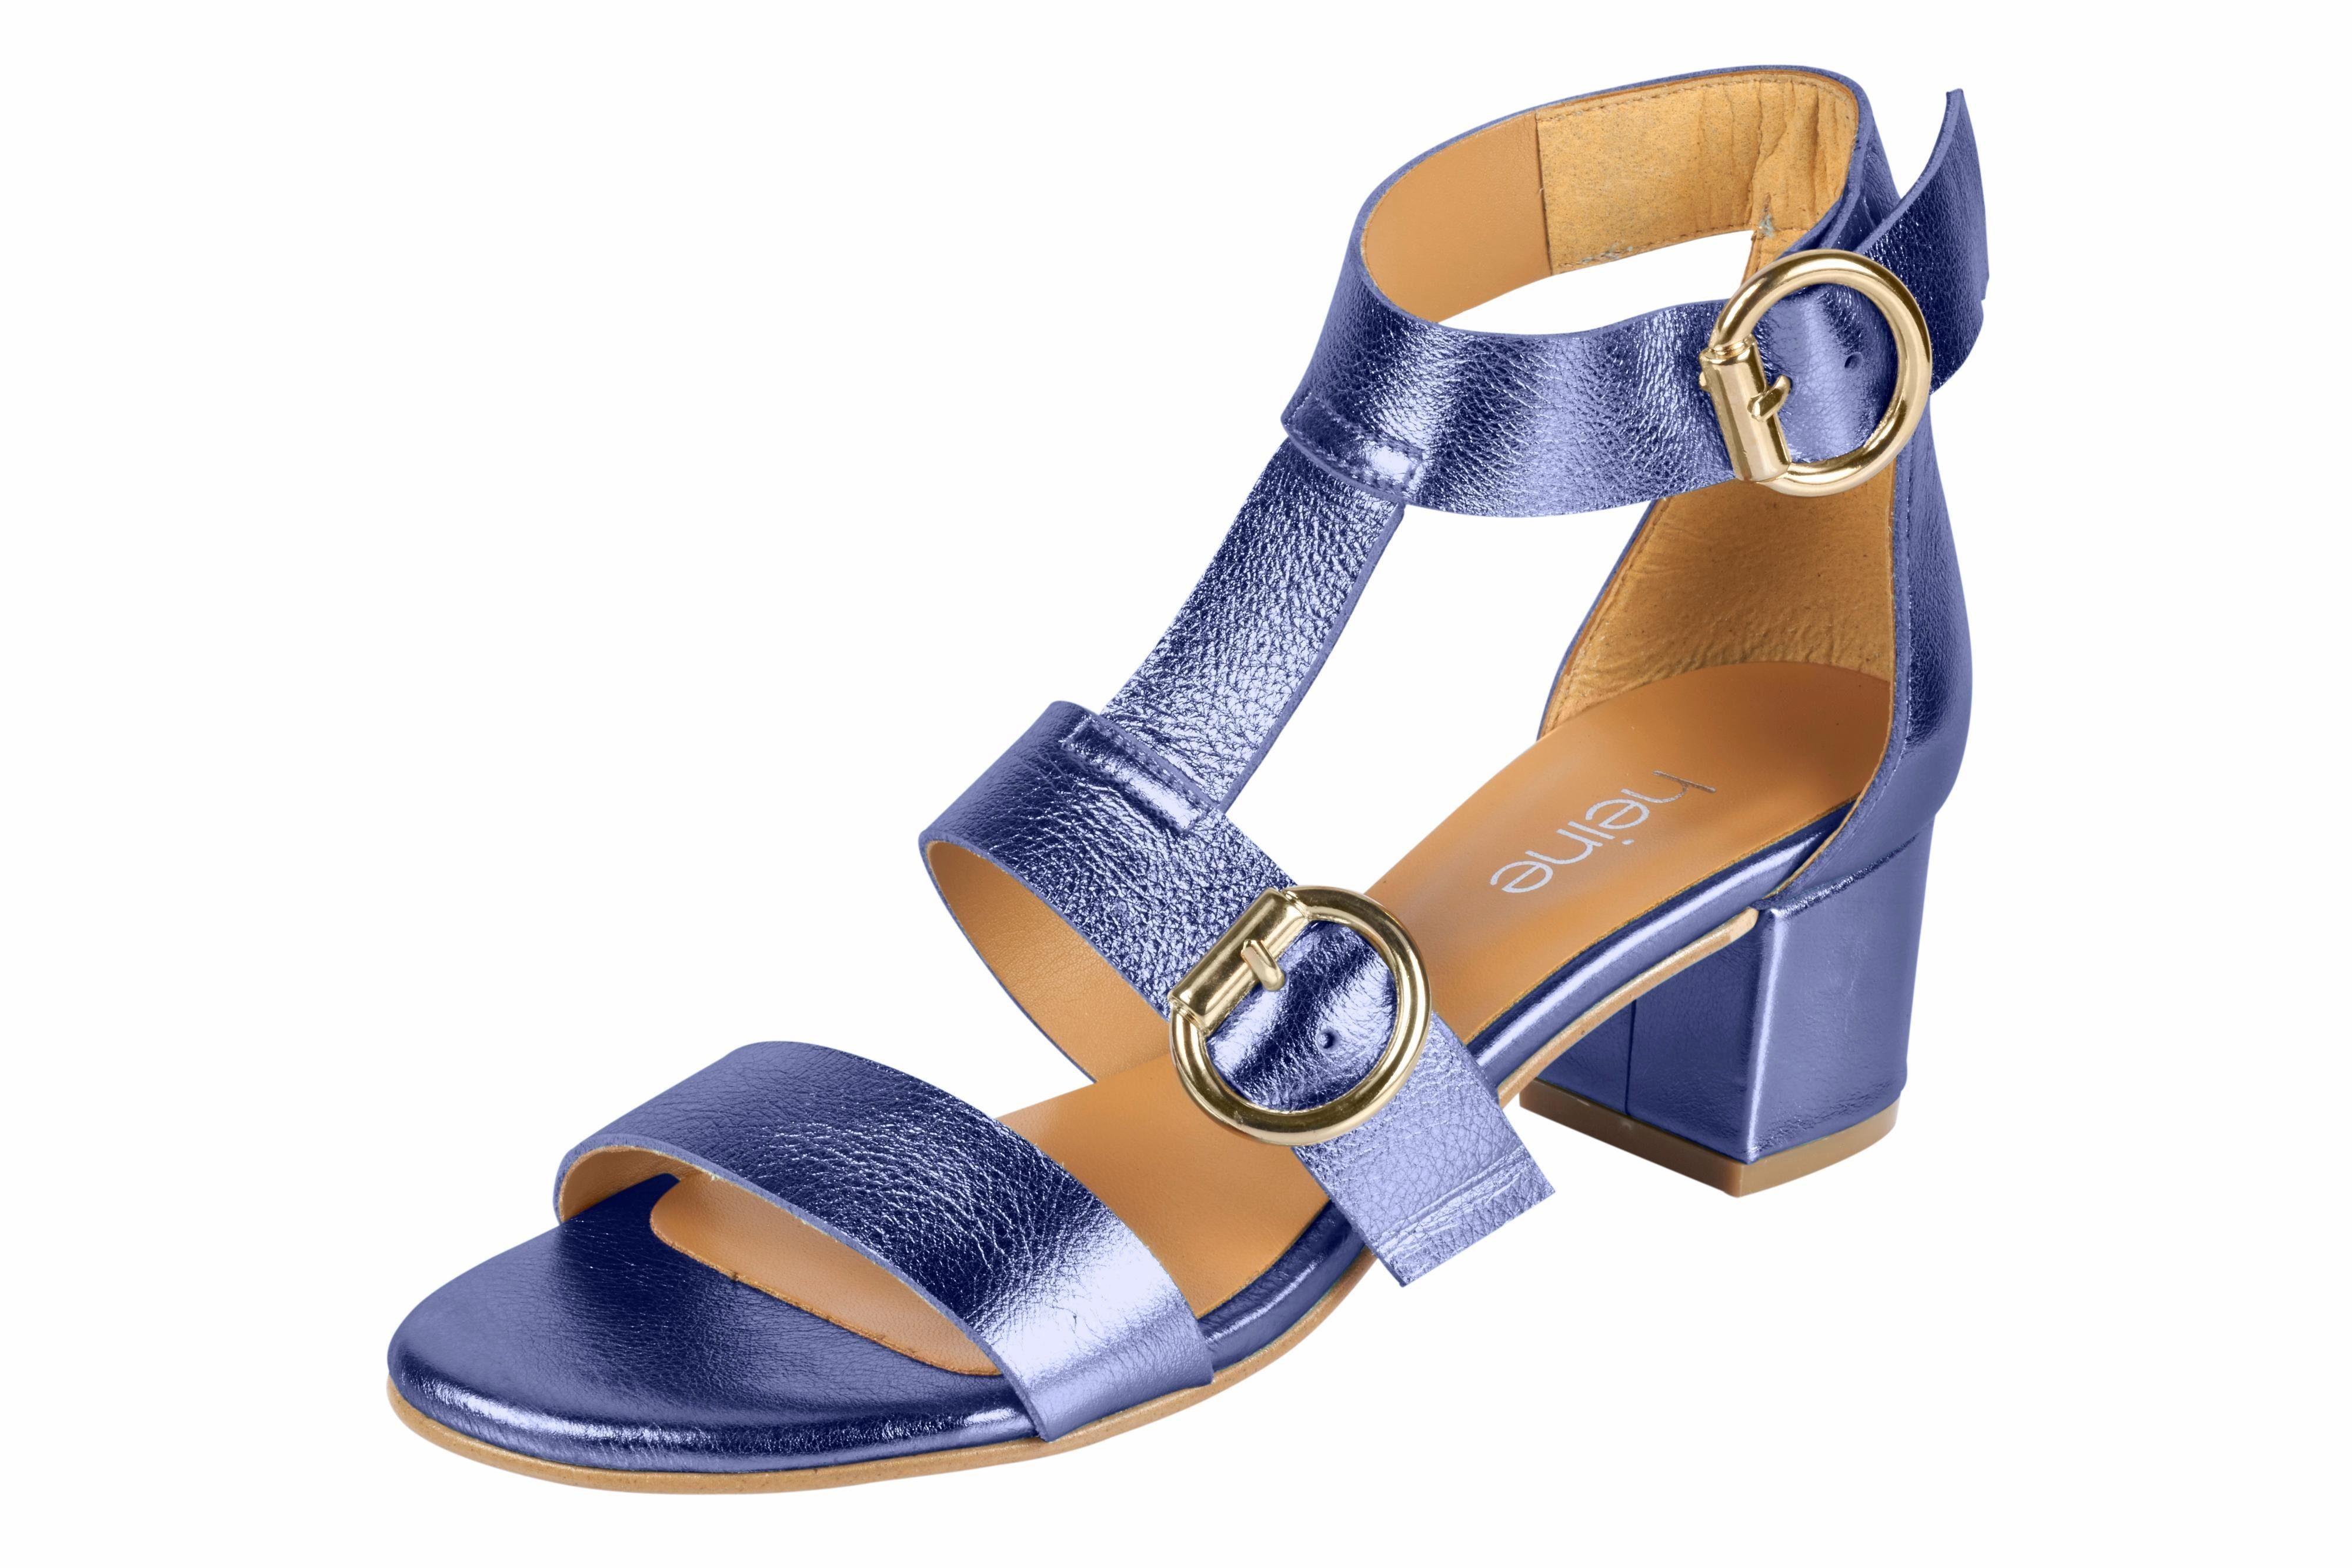 Heine Sandalette im Metallic-Look online kaufen  flieder#ft5_slash#metallic